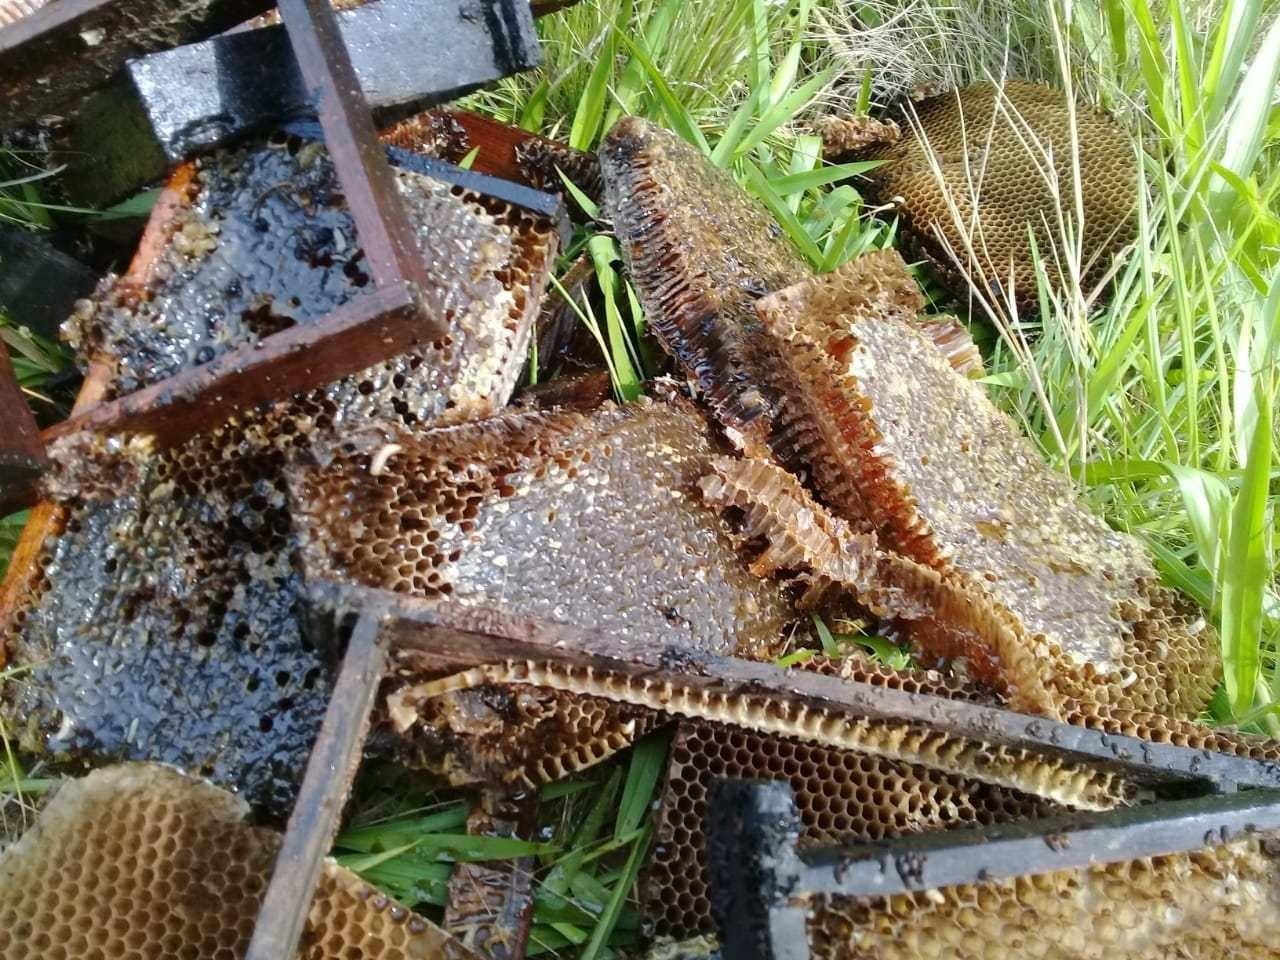 Por receio de contaminação, apicultores jogam fora todo o mel produzido pelos insetos (Foto: Salvador Gonçalves/ Apicruz)